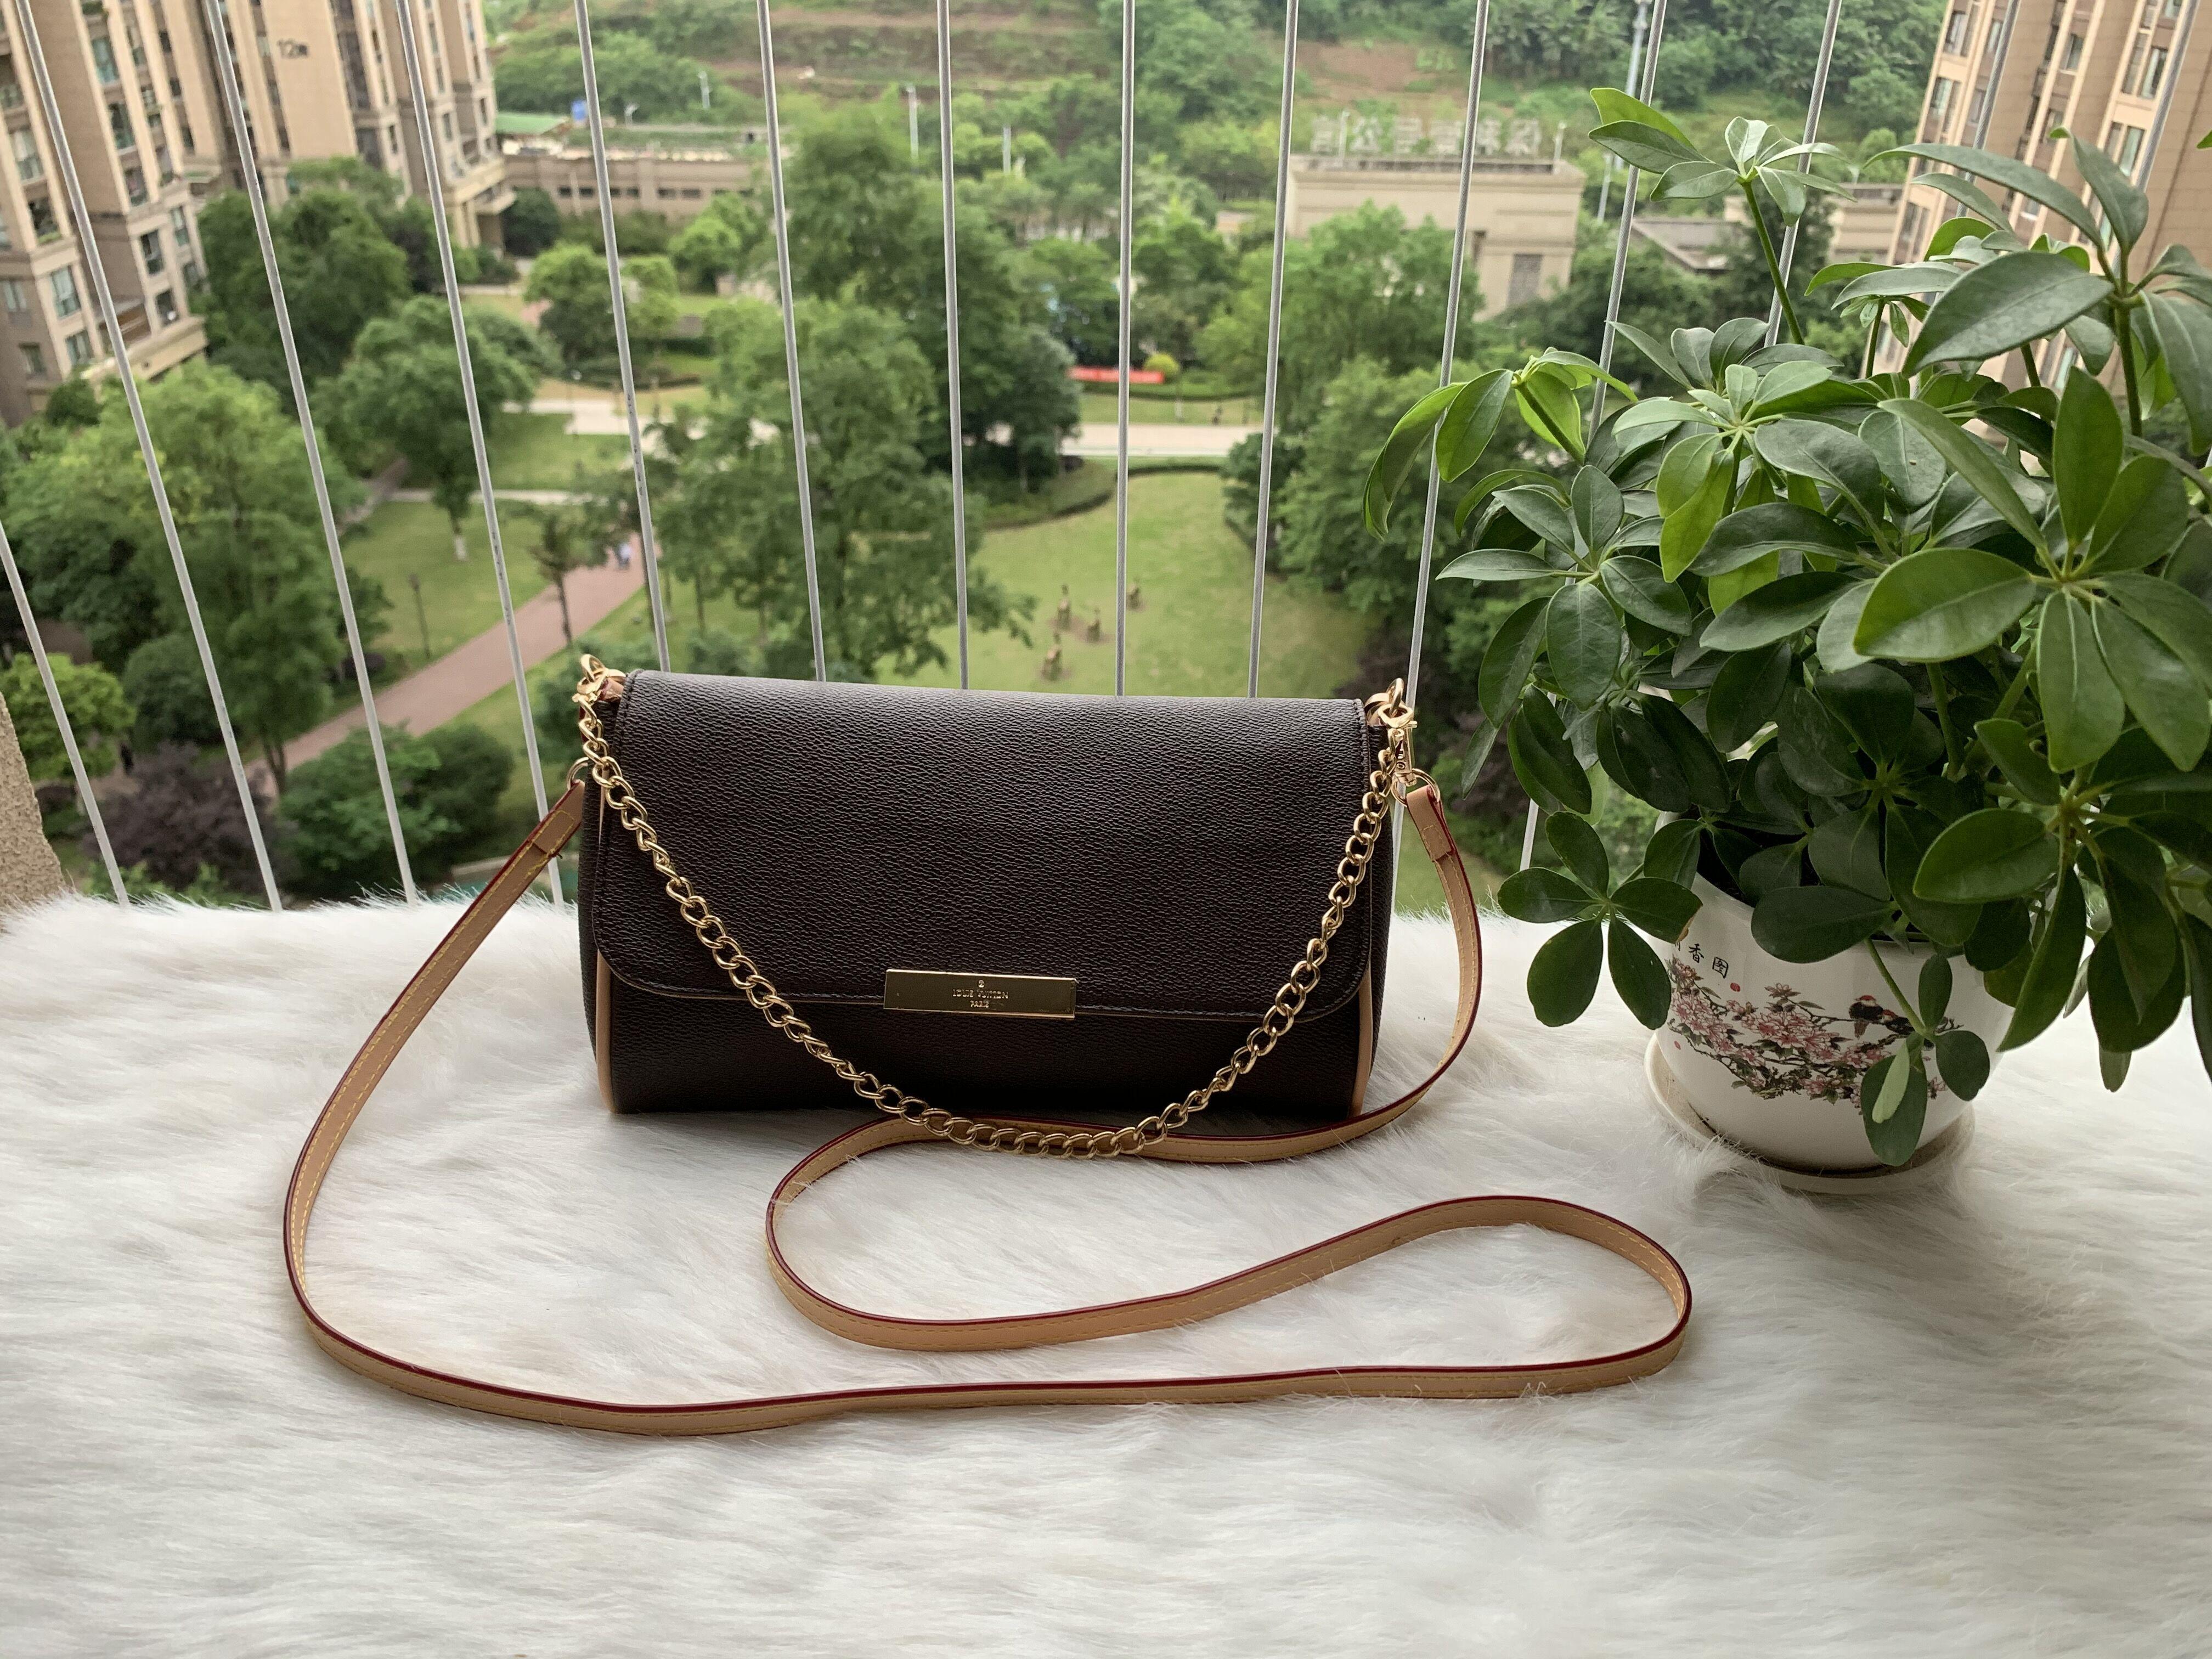 هايت جودة حقيبة يد حقيقية المرأة حقيبة الكتف 40718 المفضل محفظة مم حقيقي جلد 40717